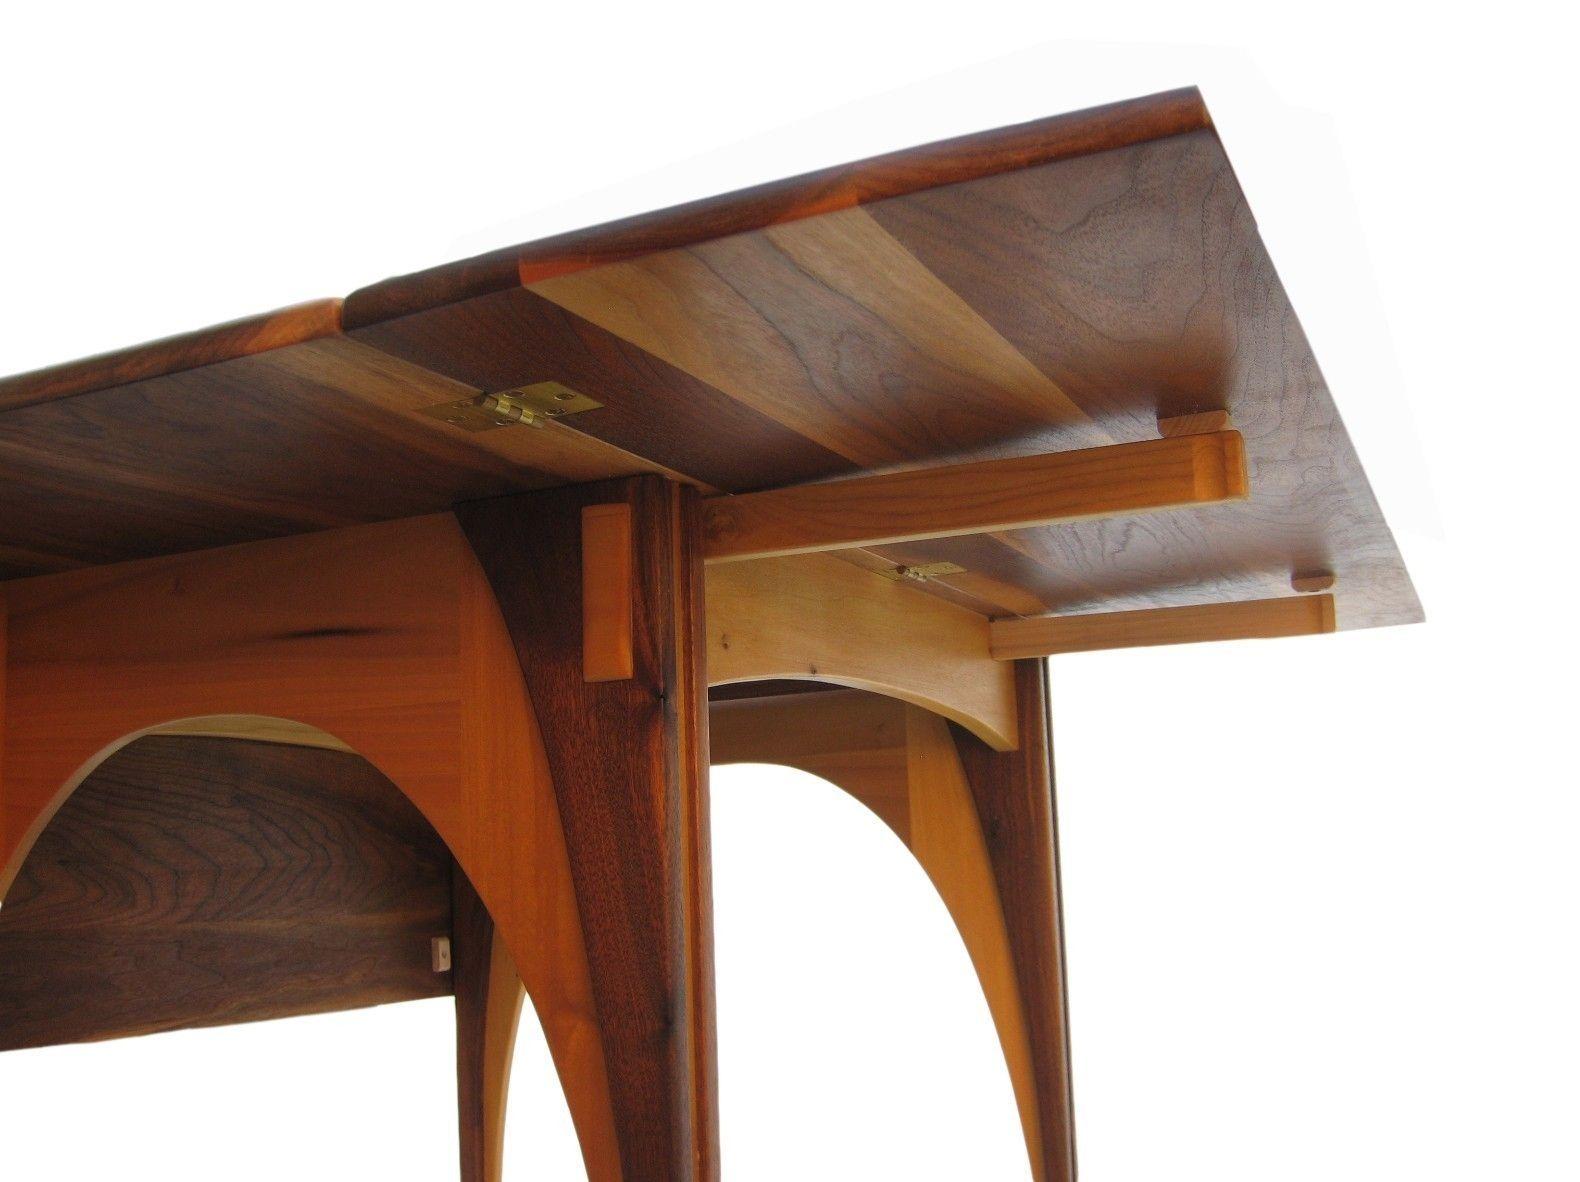 Image Result For Drop Leaf Table Hardware Drop Leaf Dining Table